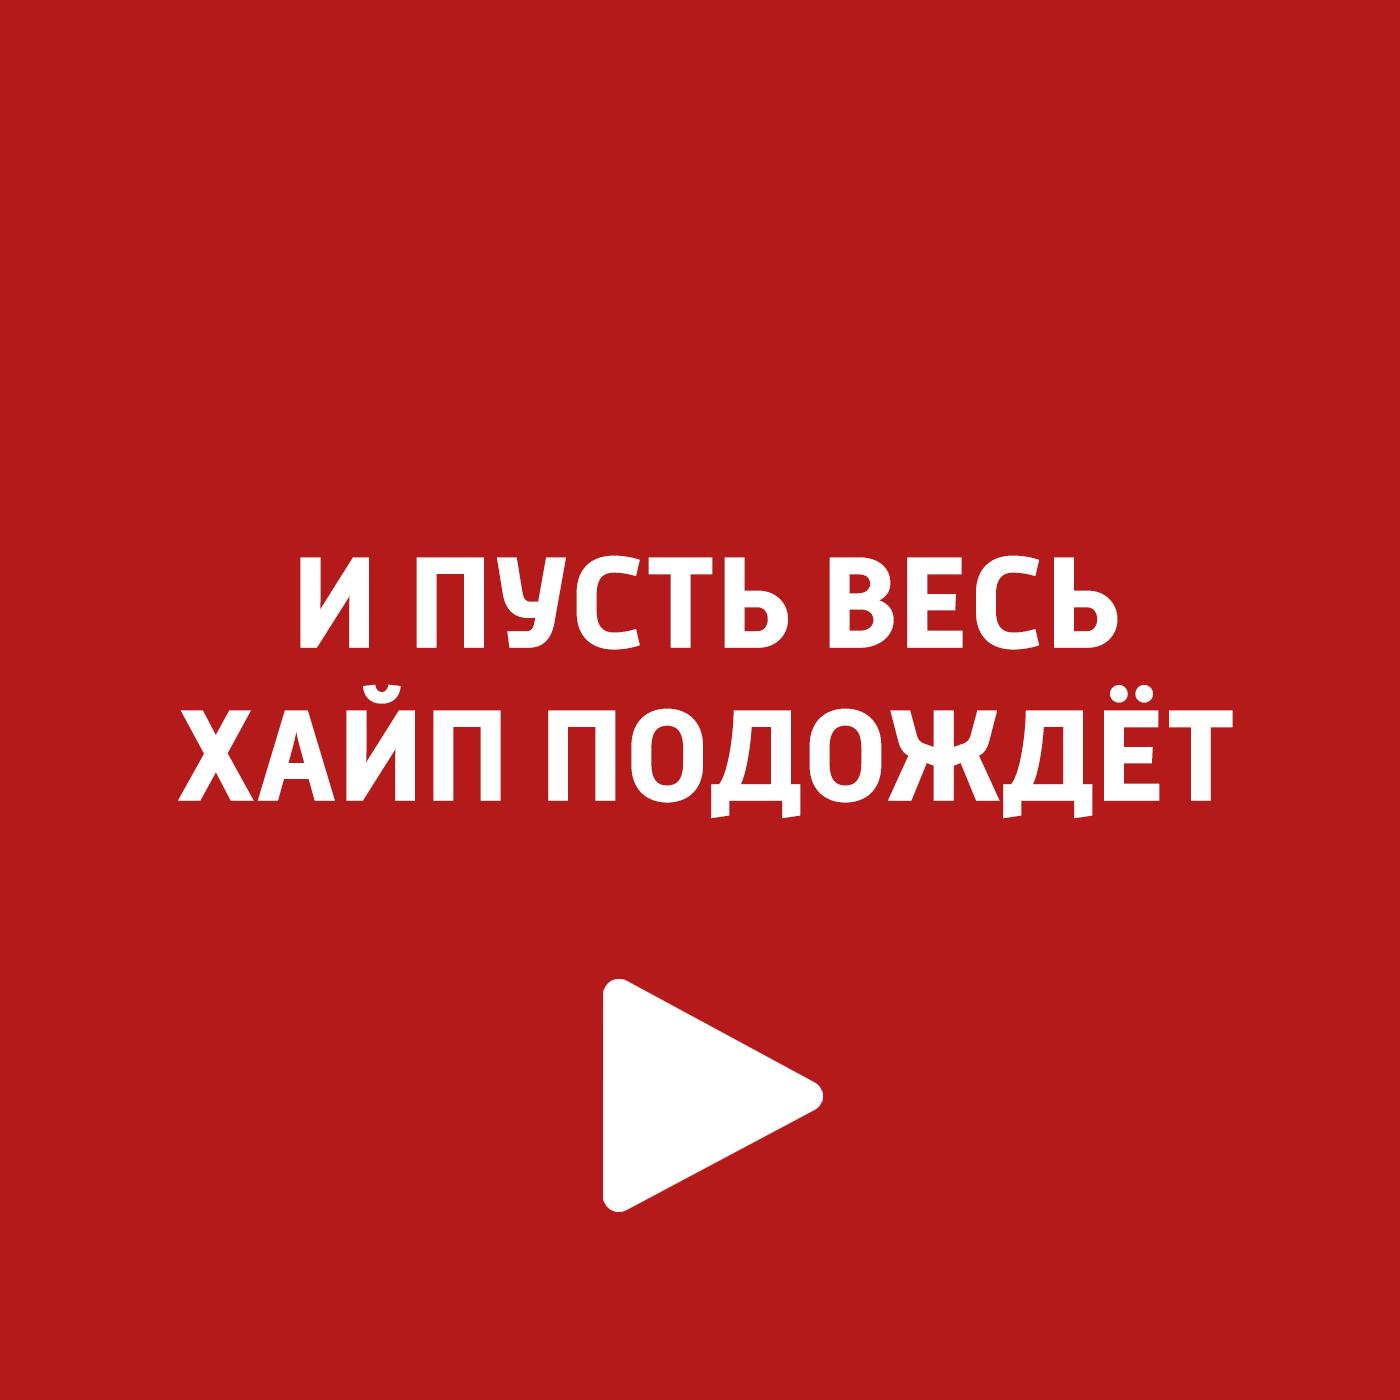 лучшая цена Творческий коллектив шоу «Сергей Стиллавин и его друзья» Дмитрий Маликов о своей интернет популярности